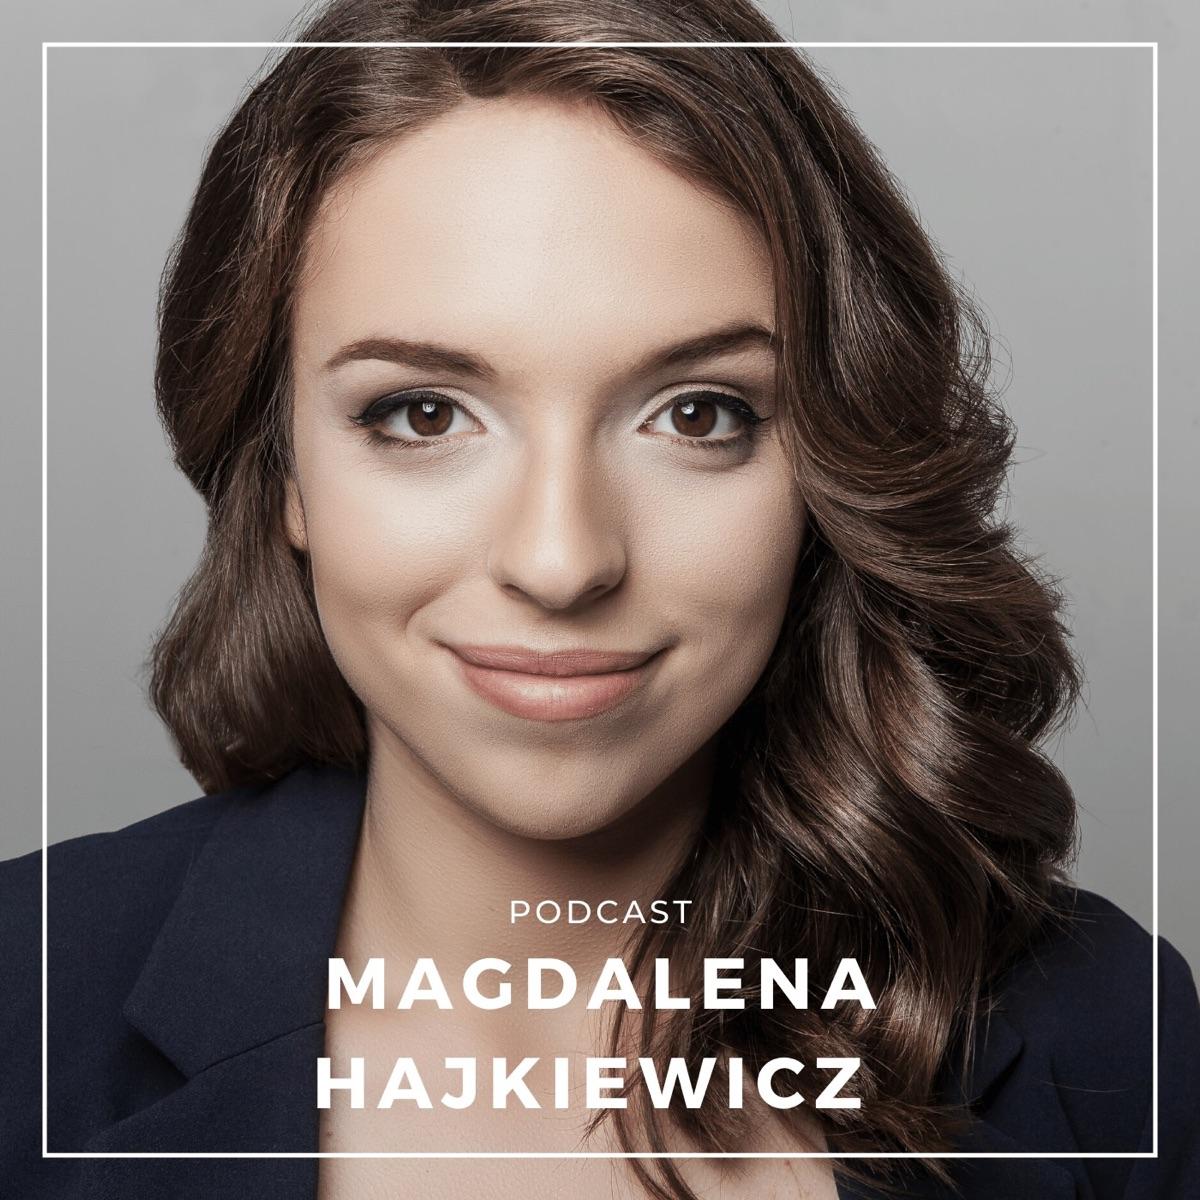 Magdalena Hajkiewicz Podcast